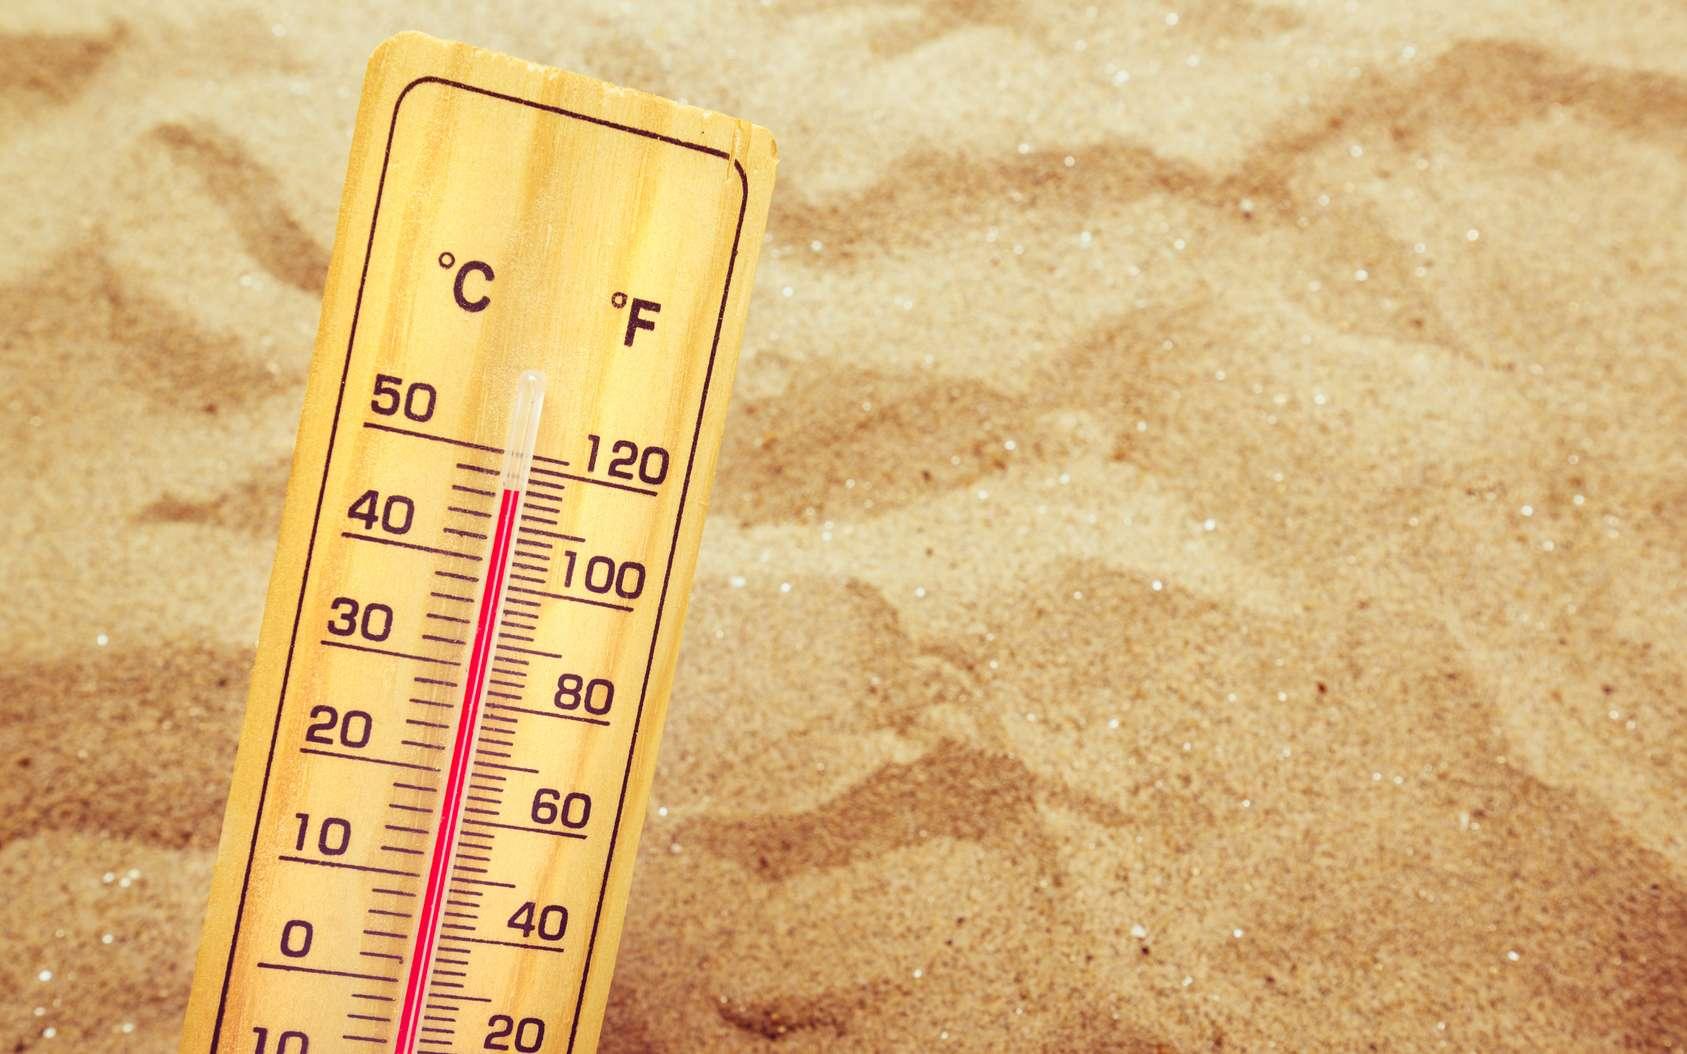 2017 fut une année chaude à l'échelle de la planète. L'Australie a connu en janvier 2018 des températures inédites. © Bits and Splits, Fotolia